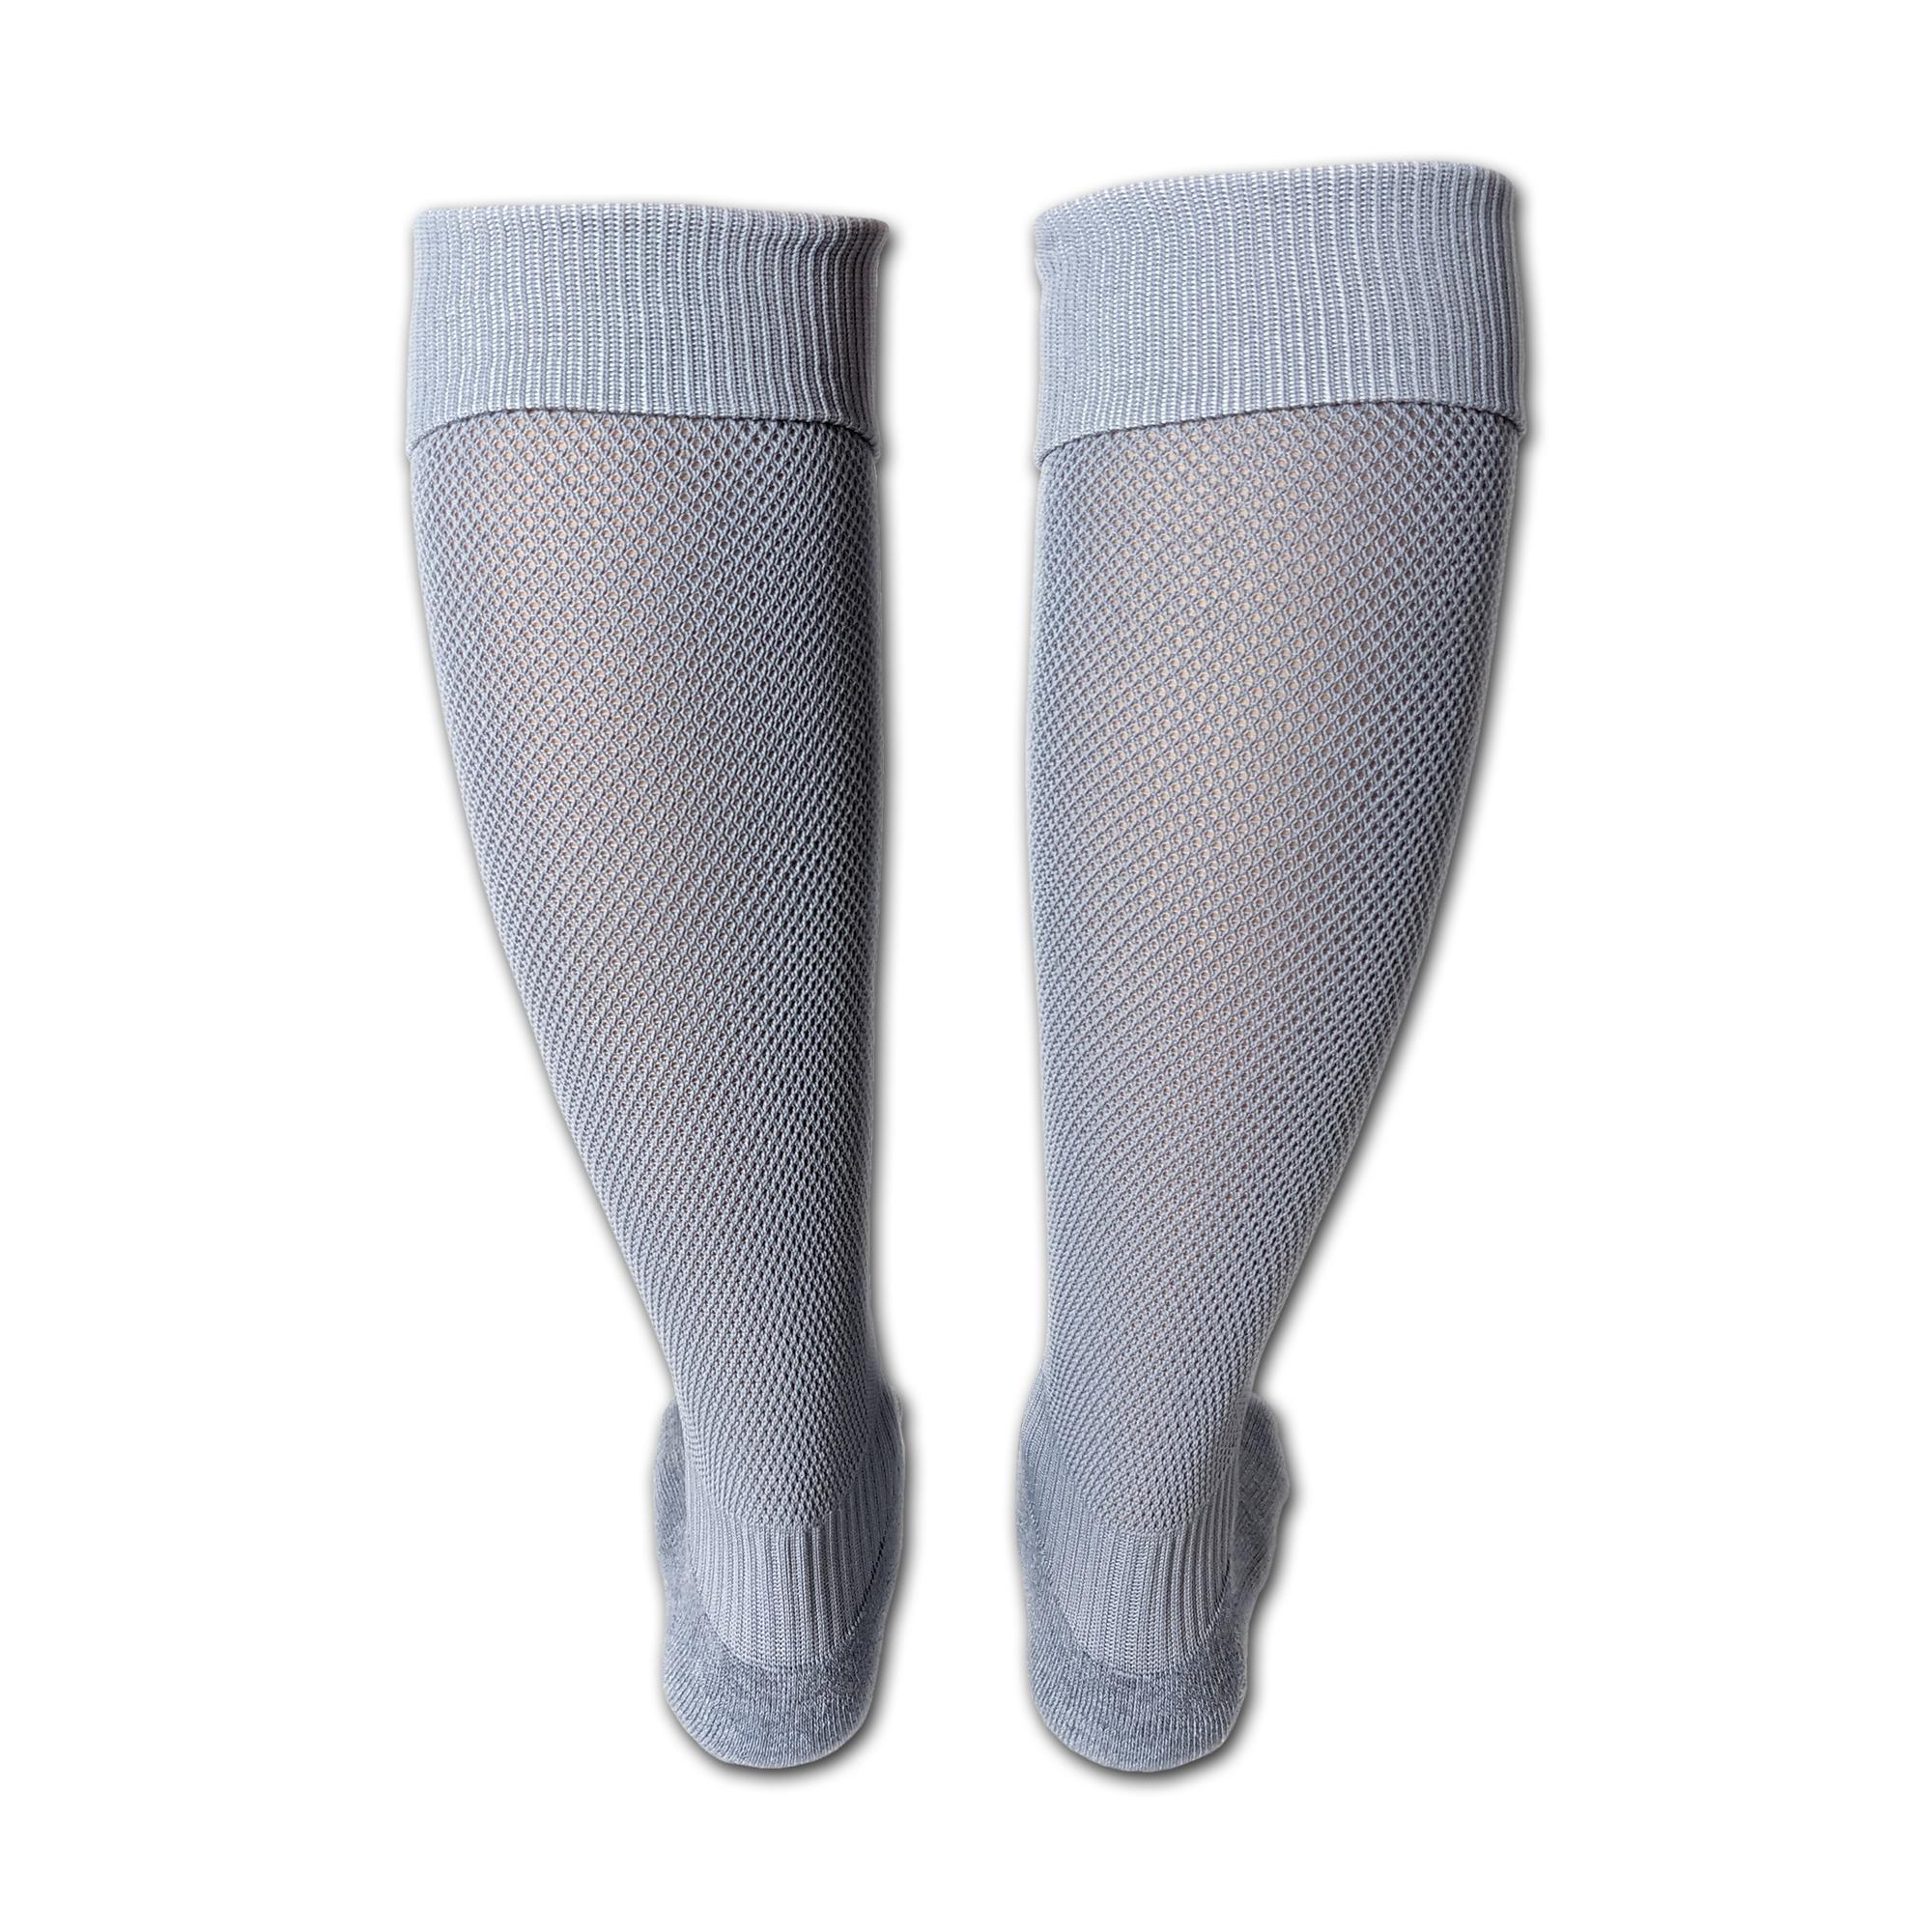 Fußballsutzen / Fußball Socken in grau (Hinteransicht)